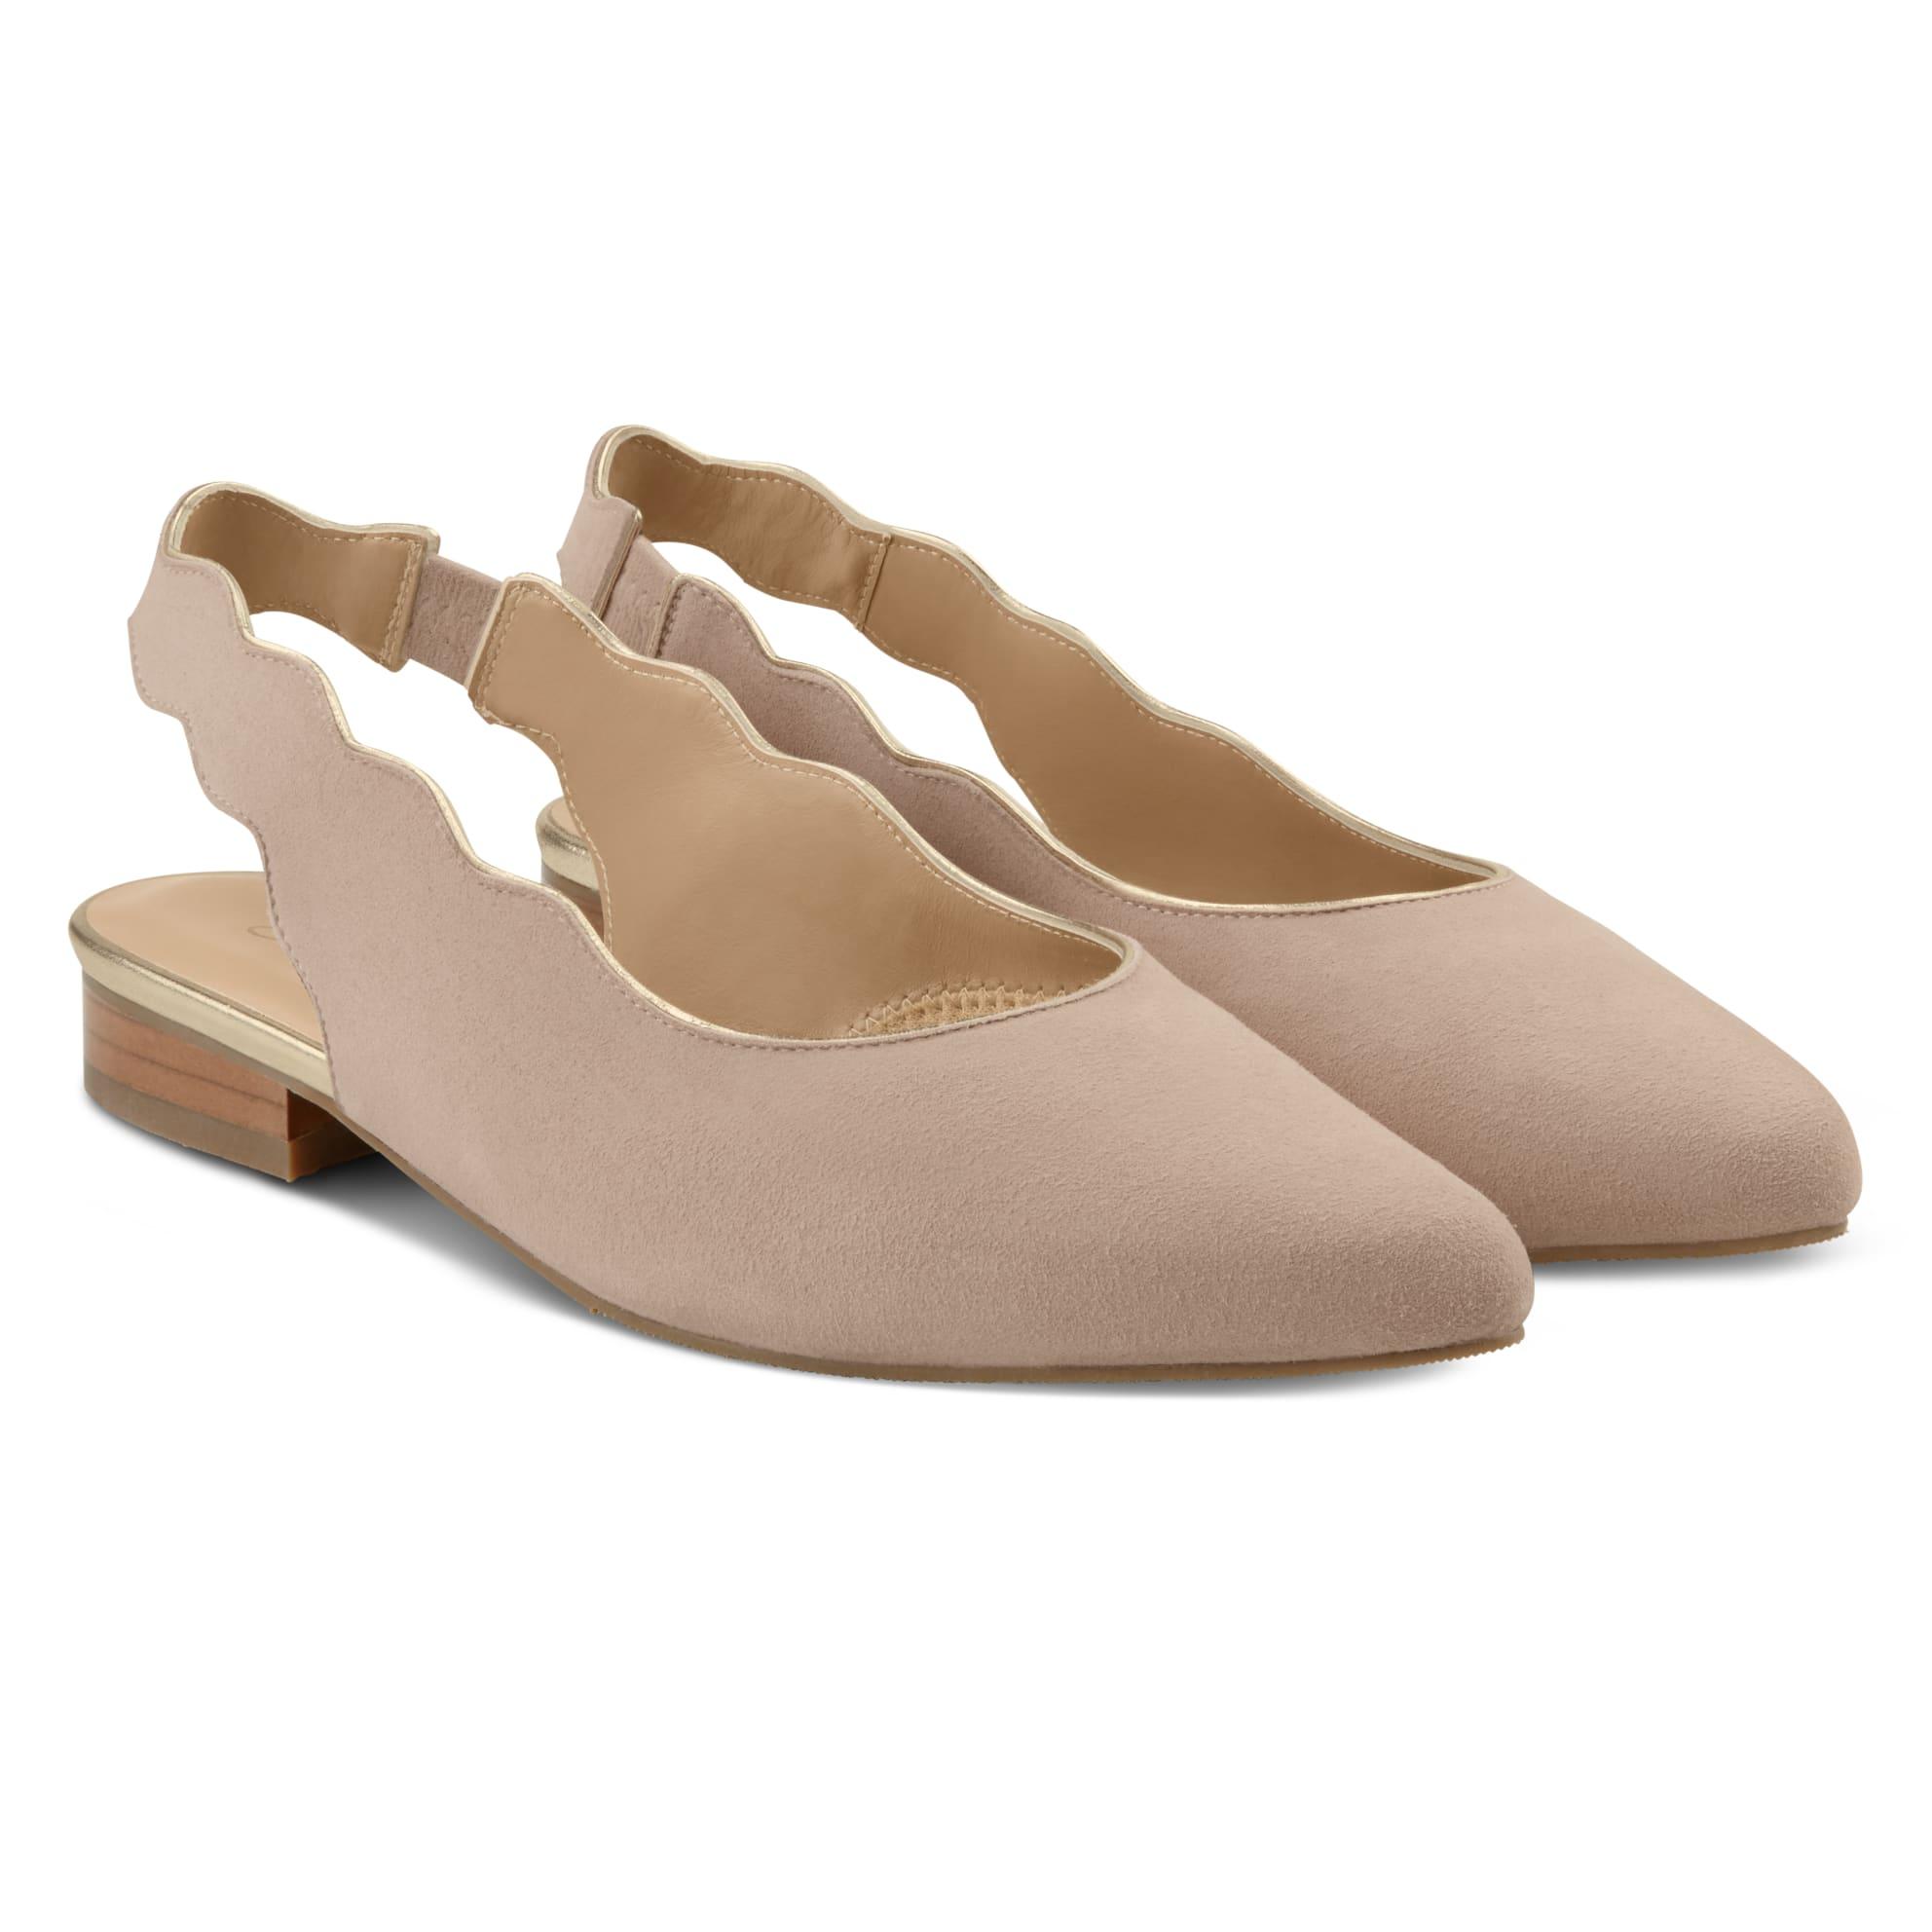 Sling Ballerina mit Goldrand Nude – modischer und bequemer Schuh für Hallux valgus und empfindliche Füße von LaShoe.de